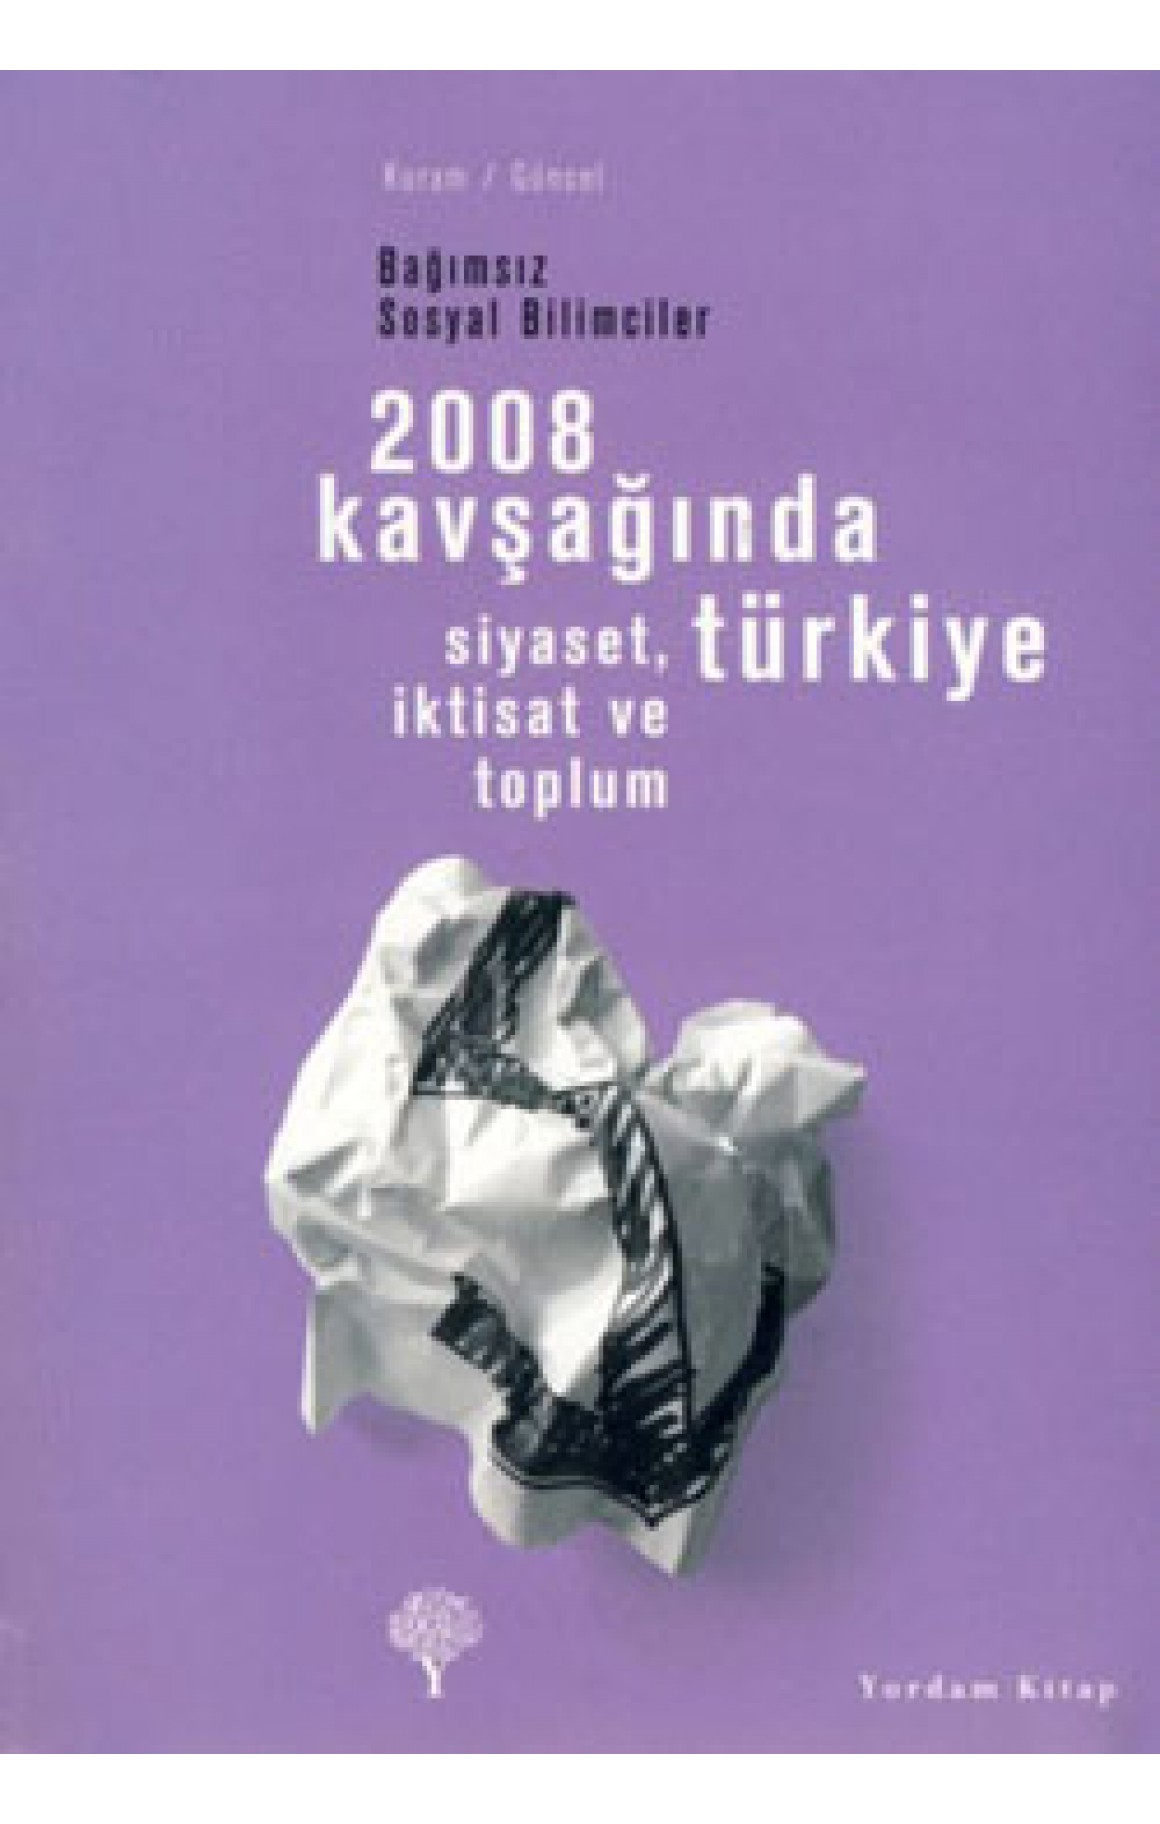 2008 Kavşağında Türkiye - Siyaset, İktisat ve Toplum Bağımsız Sosyal Bilimciler